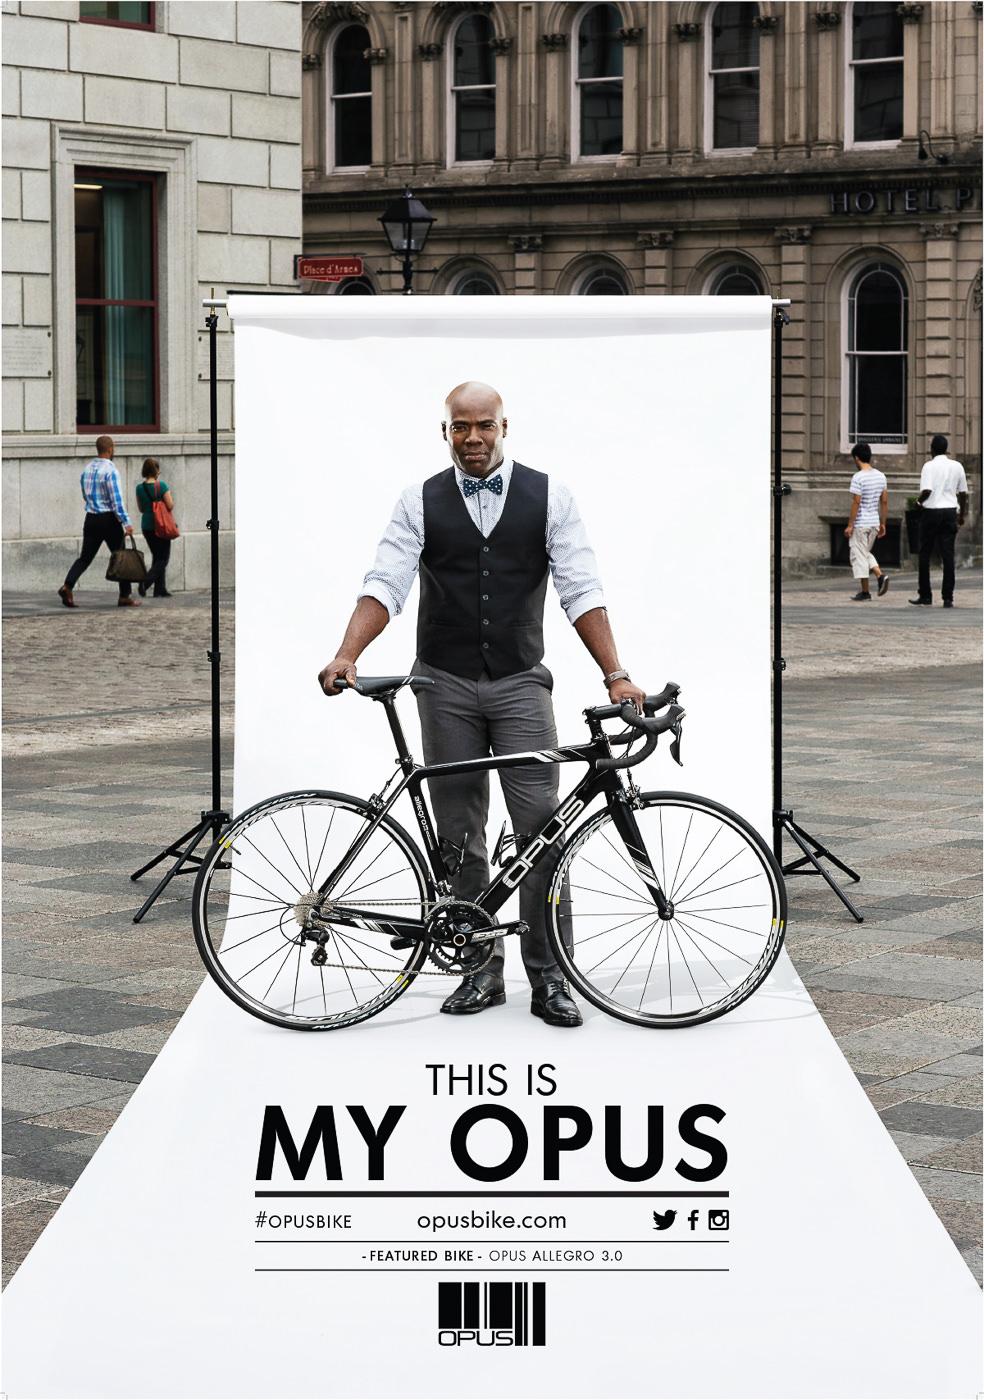 Affiche publicitaire pour vélo Opus bike modele Allegro 3.0 dans le vieux port de montreal